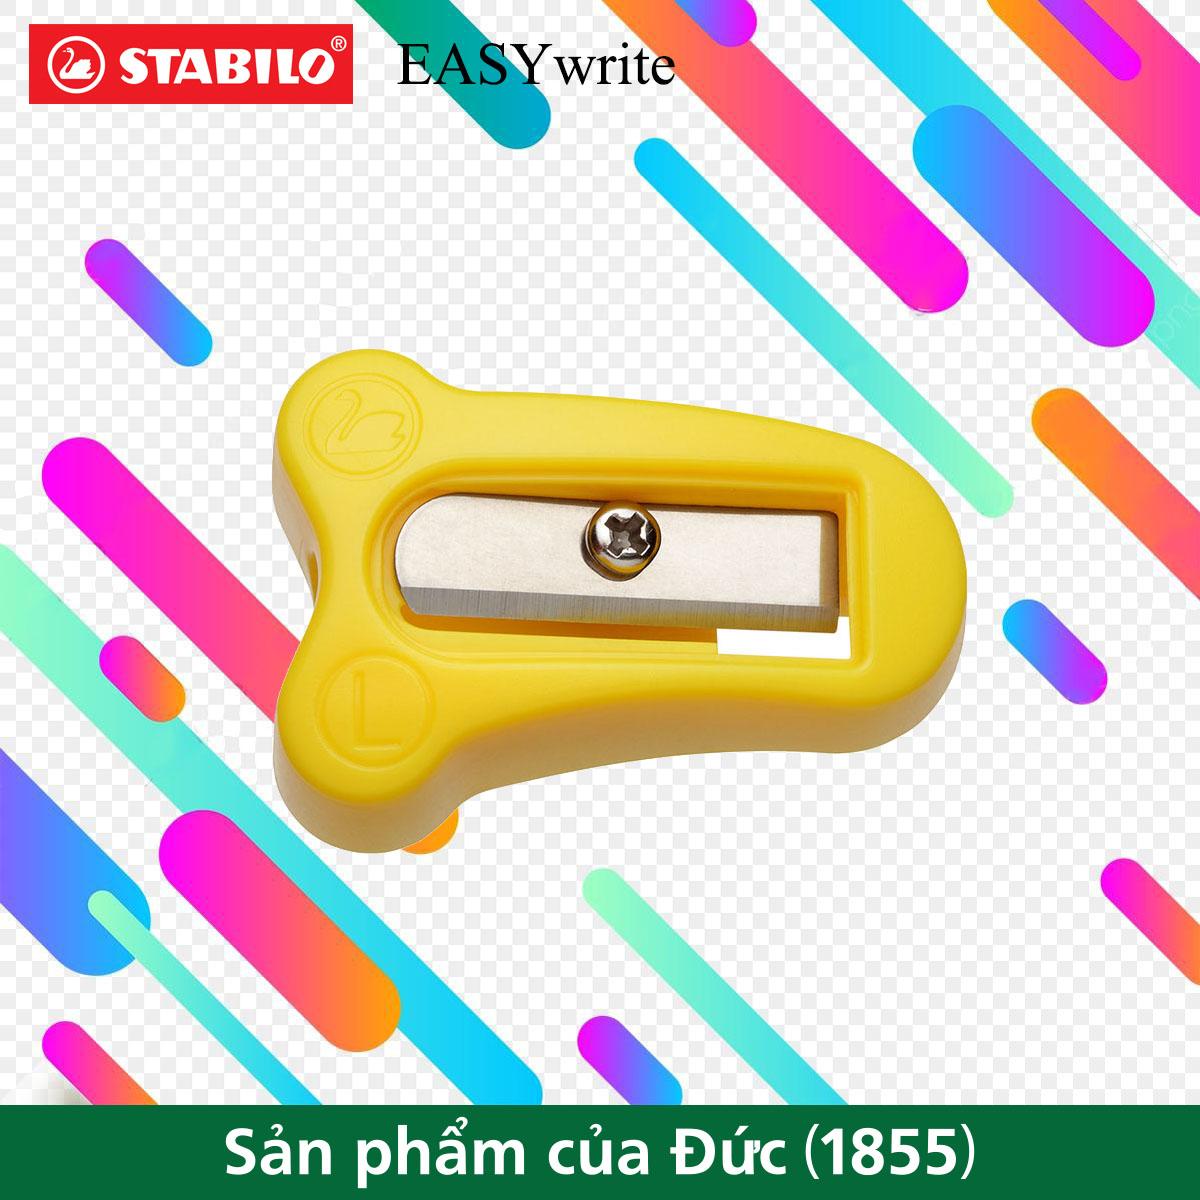 Chuốt bút chì hình thể học STABILO EASYwrite thuận tay trái (PSE4533L)